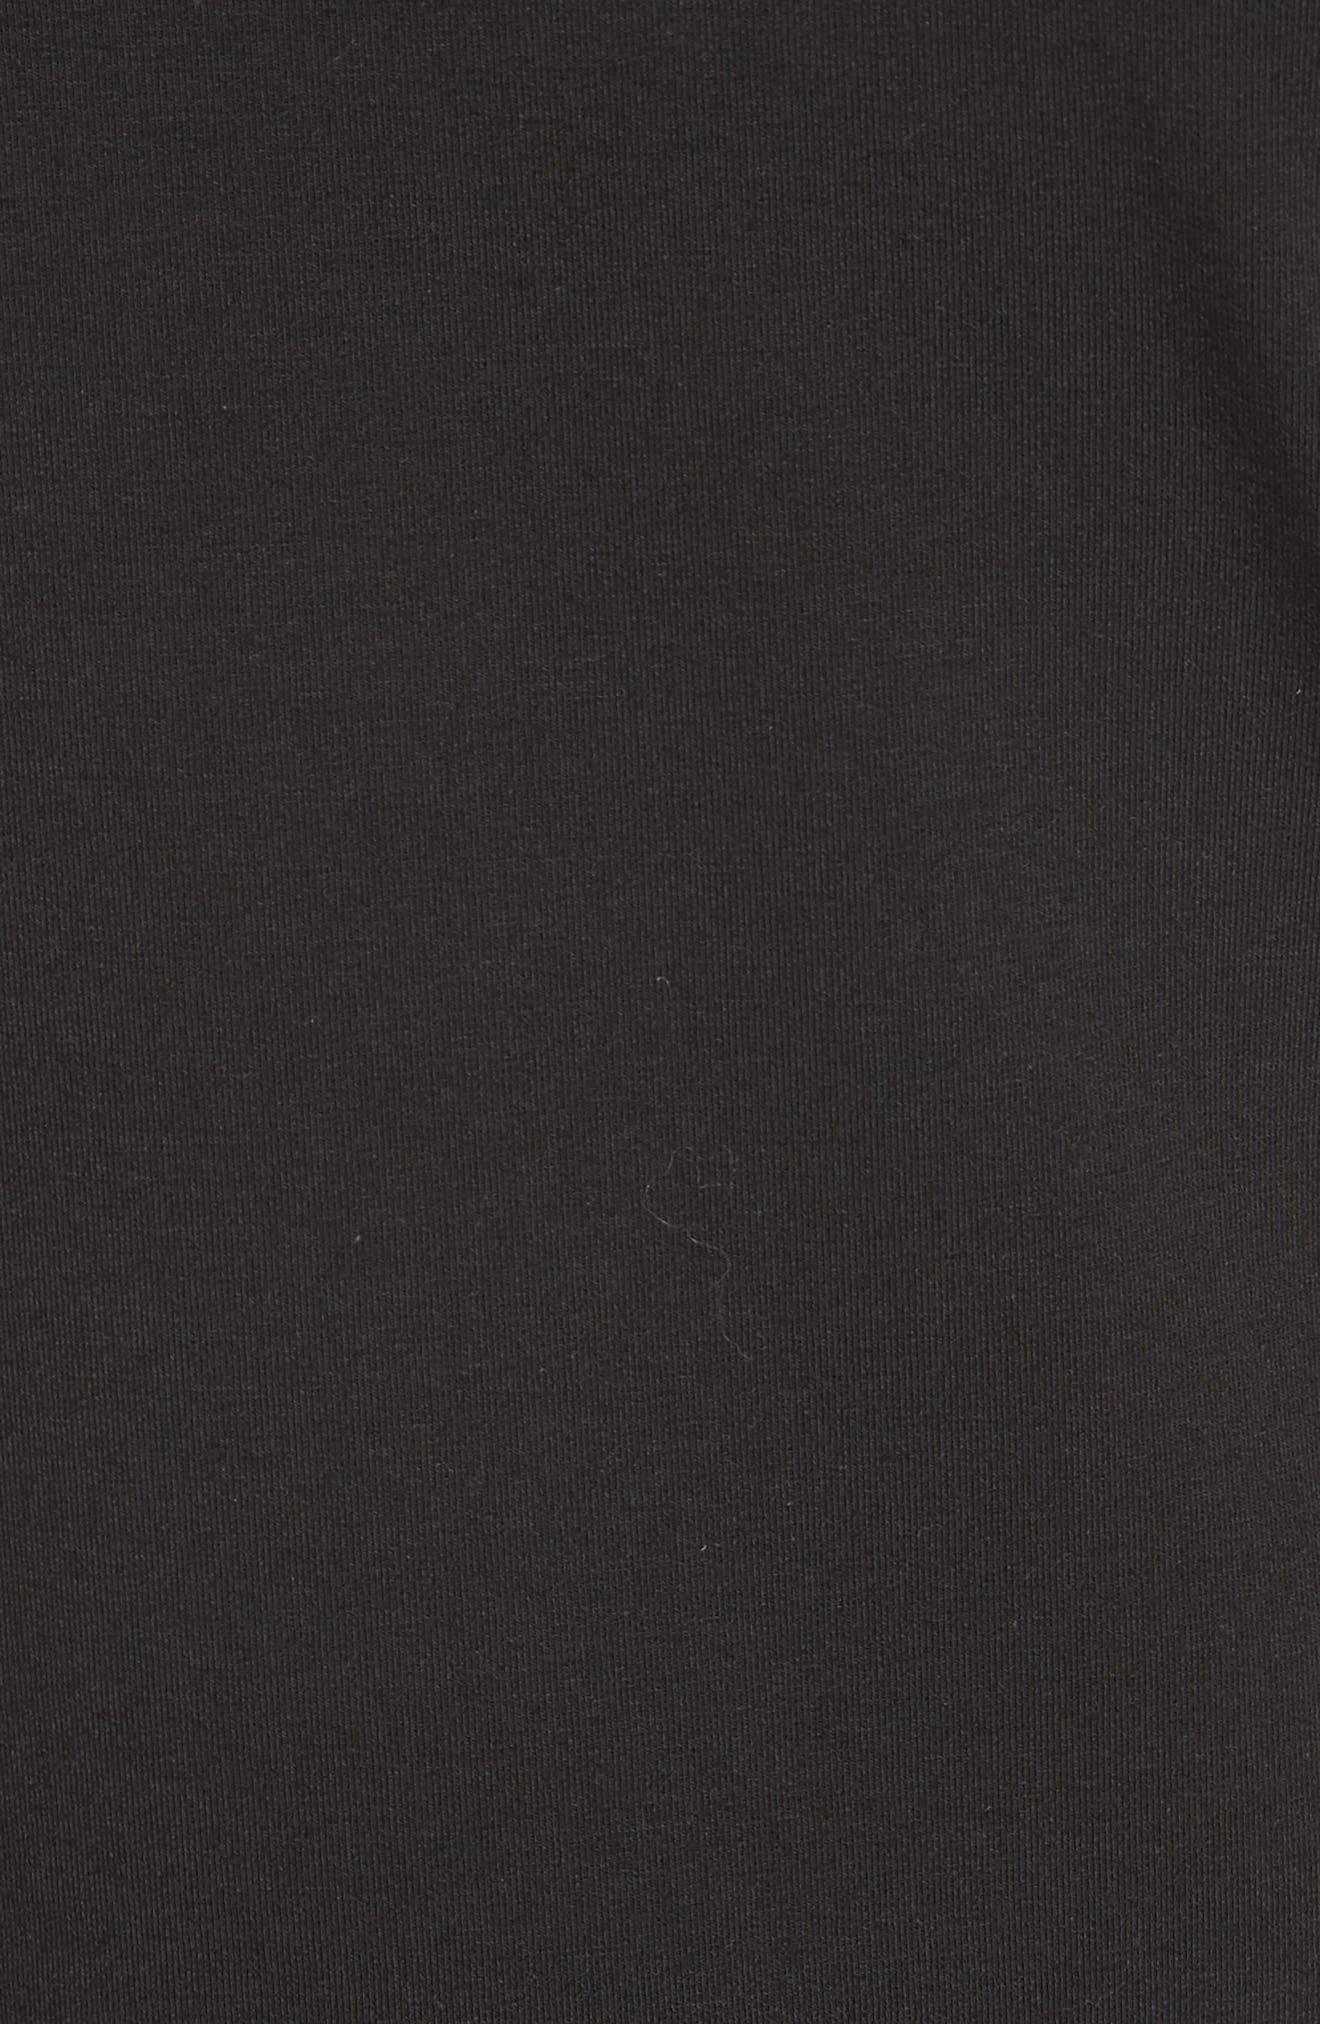 Rubri Knotted T-Shirt Dress,                             Alternate thumbnail 5, color,                             BLACK MULTI